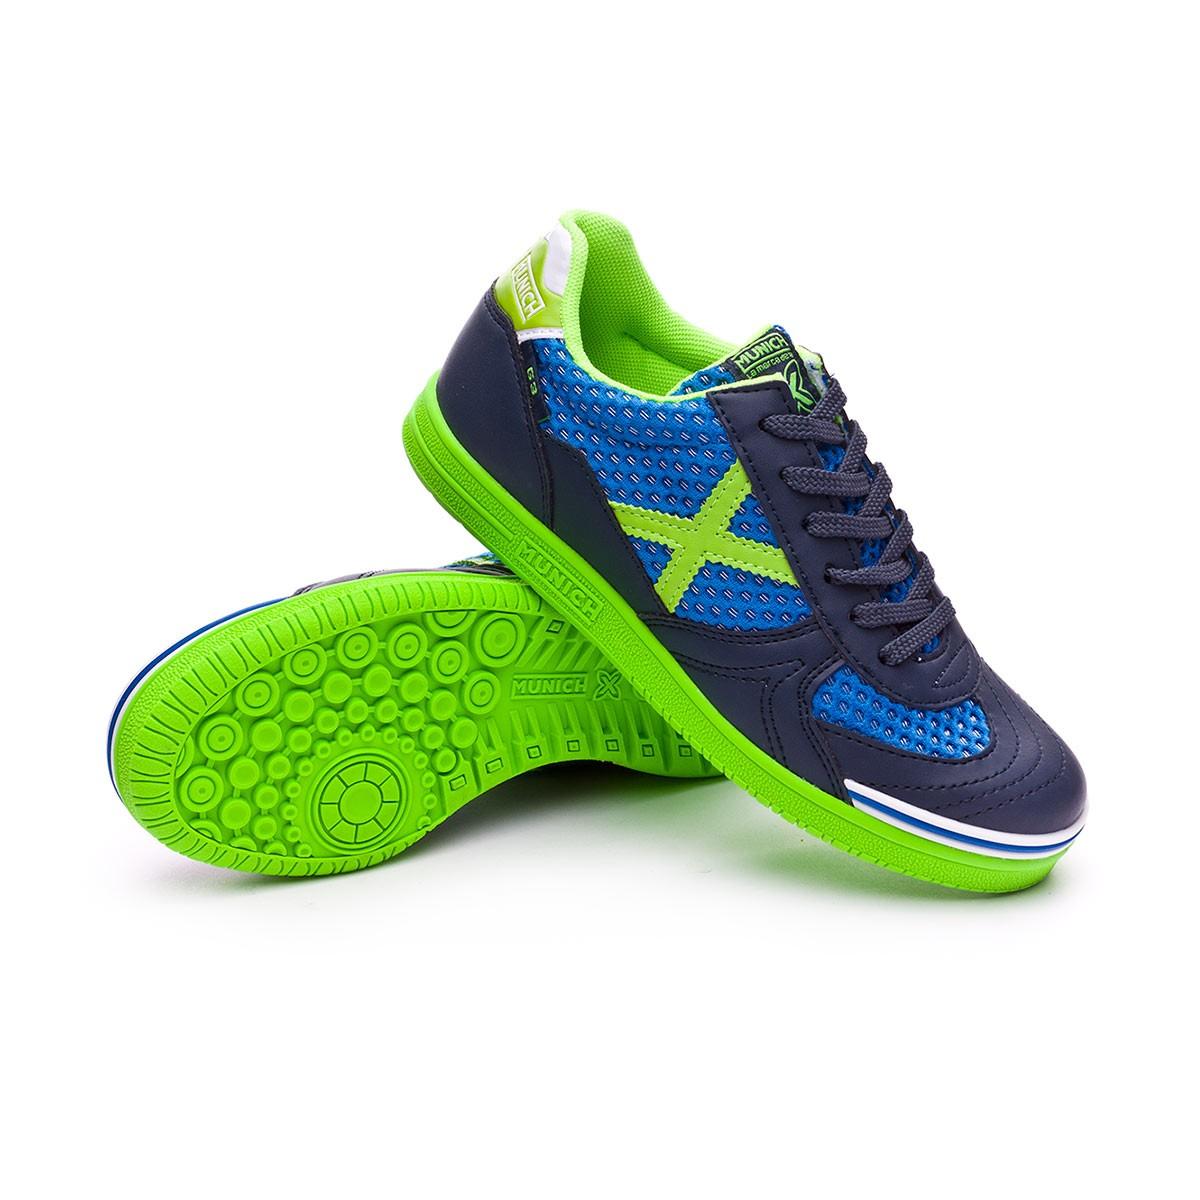 Chaussures Munich bleues enfant Gnvpd3j6v2